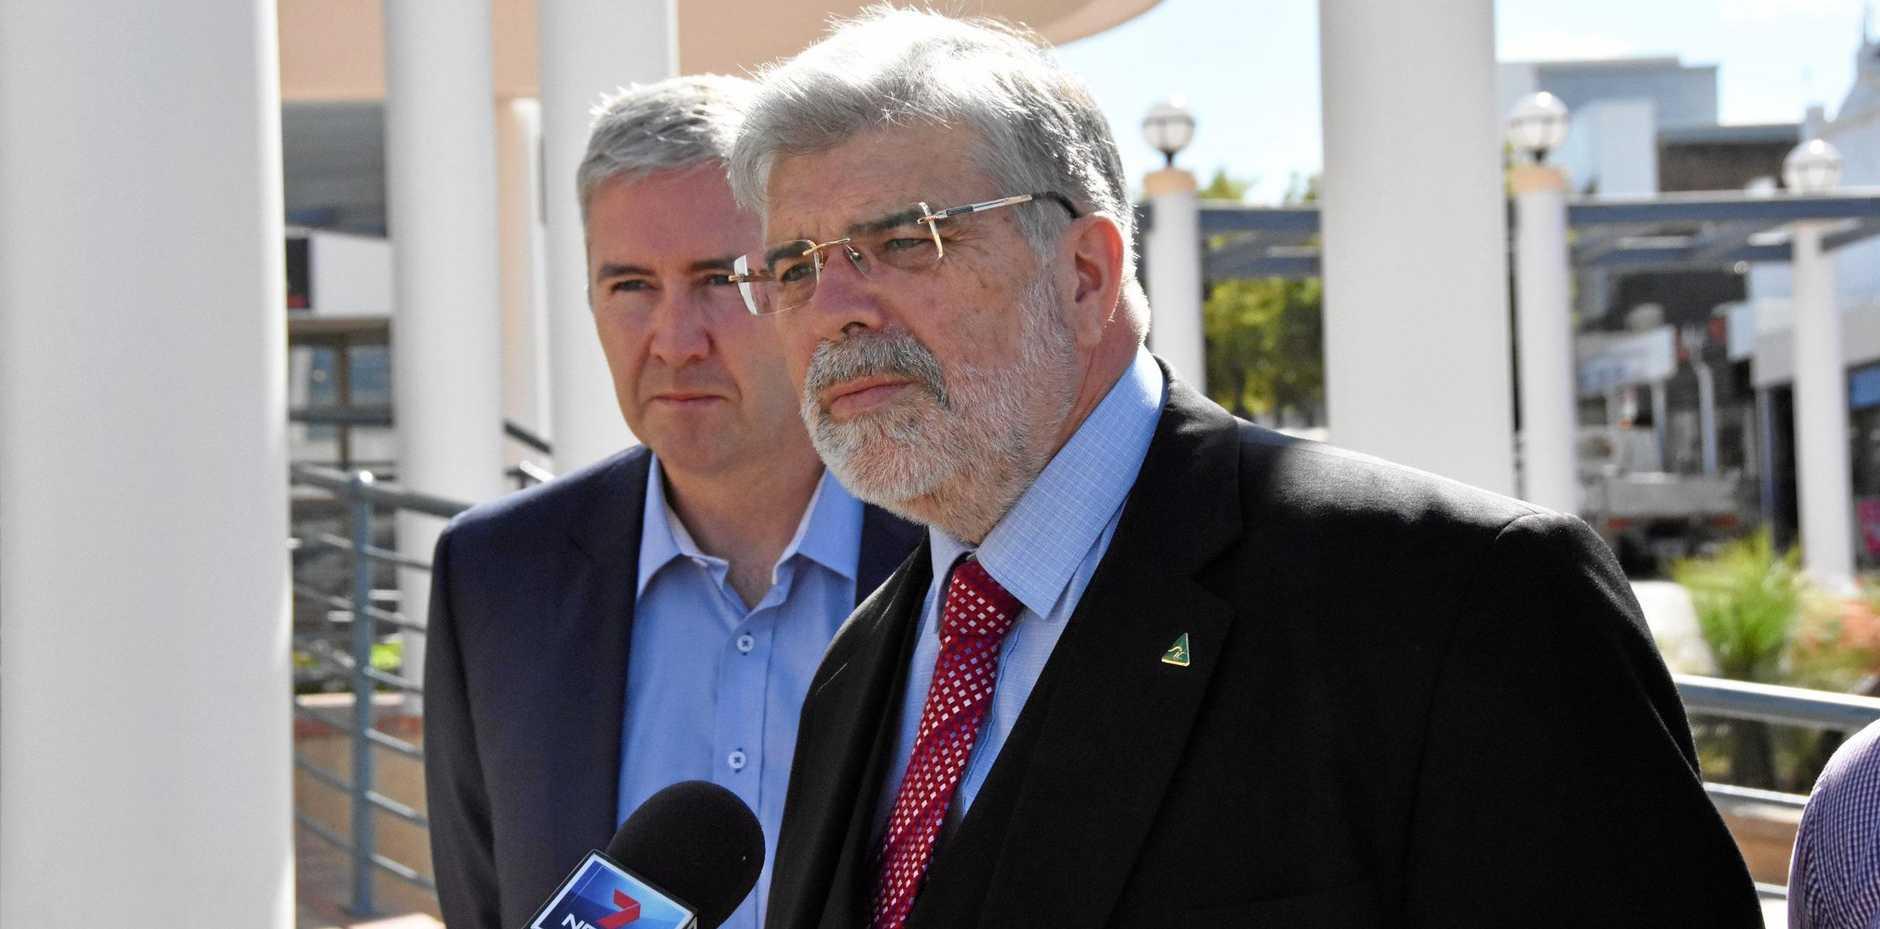 ALP Senator Kim Carr said a Labor government would back the pilot plant's expansion.